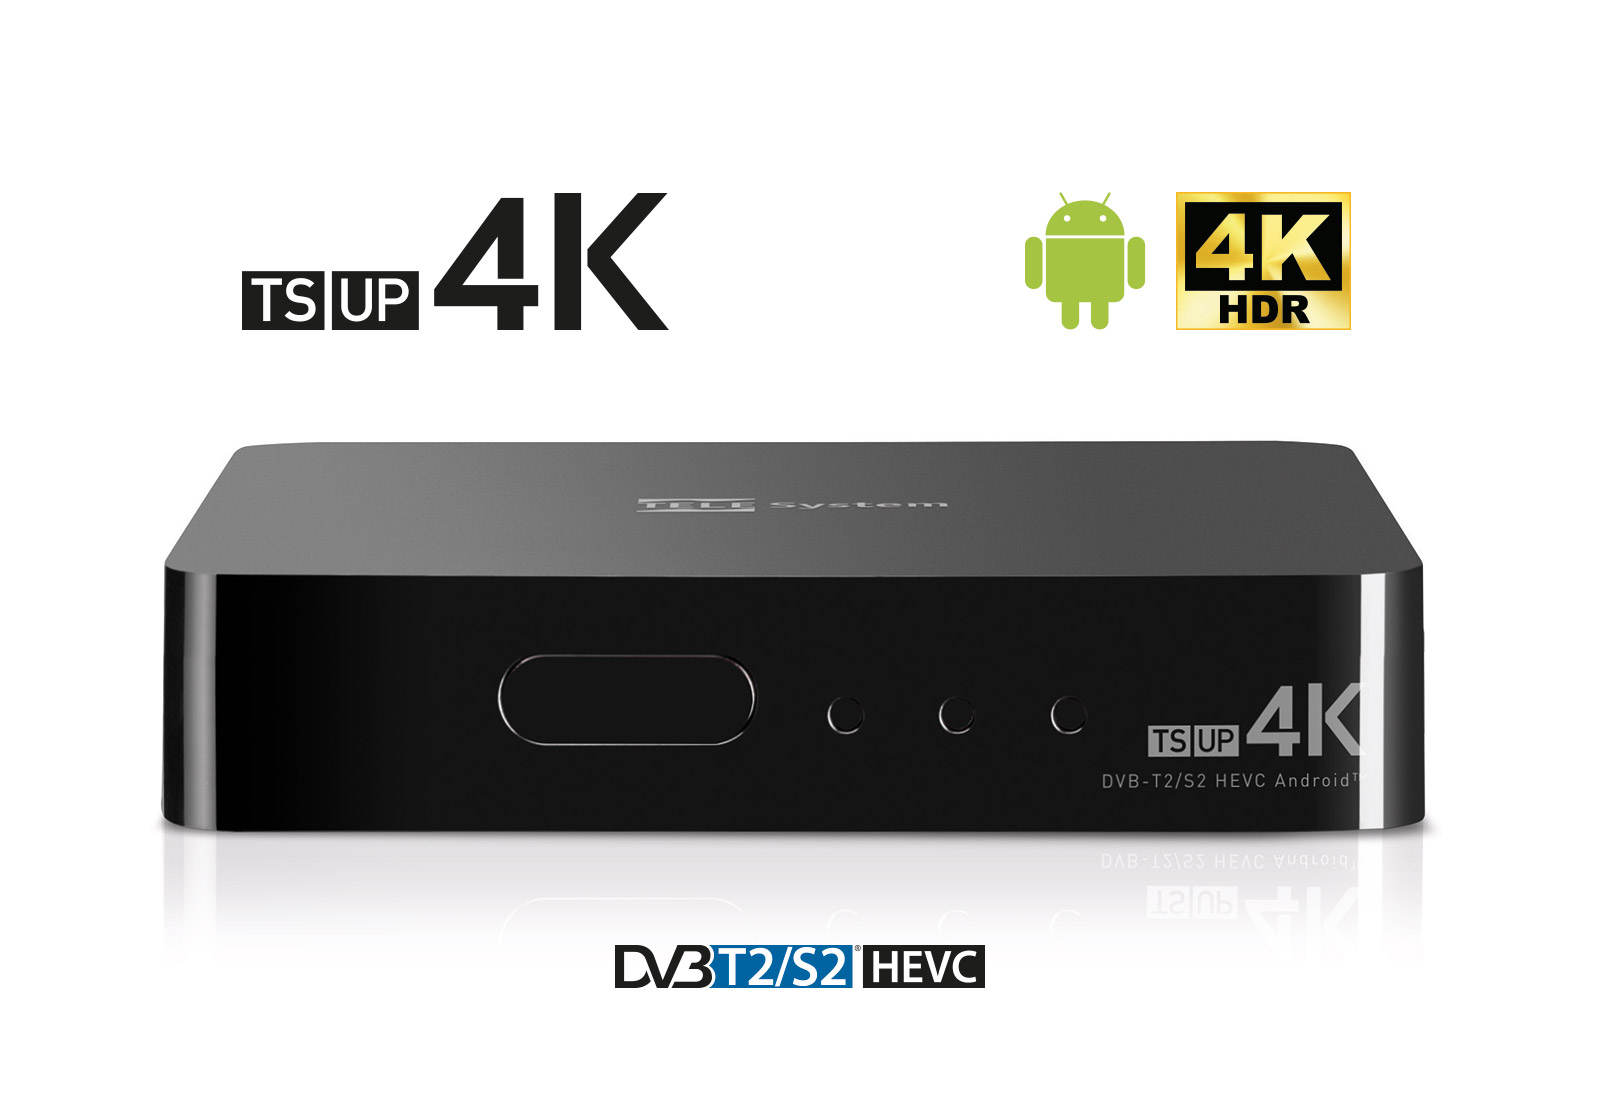 TS UP 4K, aggiornamento software porta nuove app di streamin